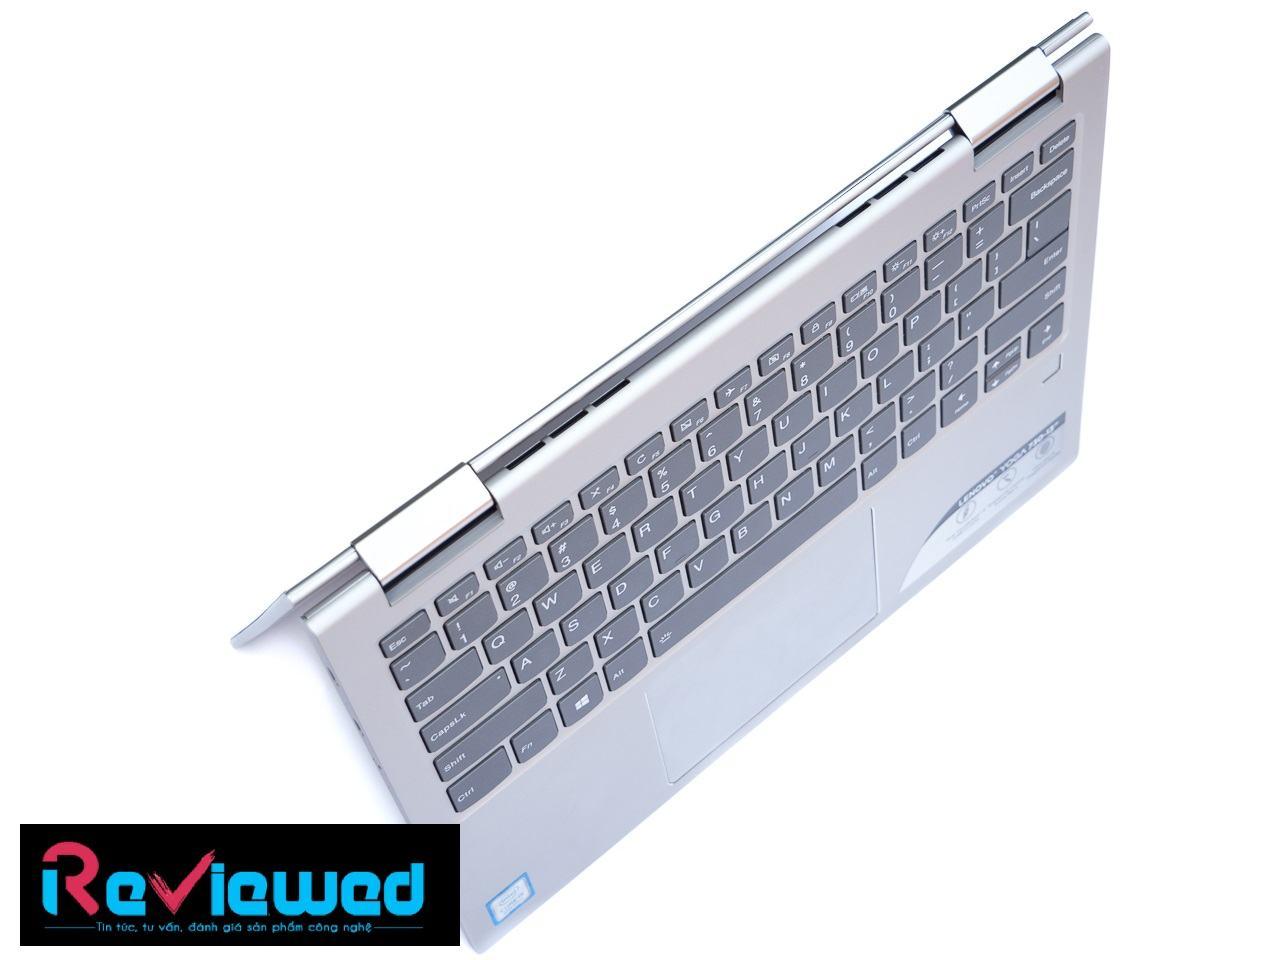 đánh giá Lenovo Yoga 730-13IKB